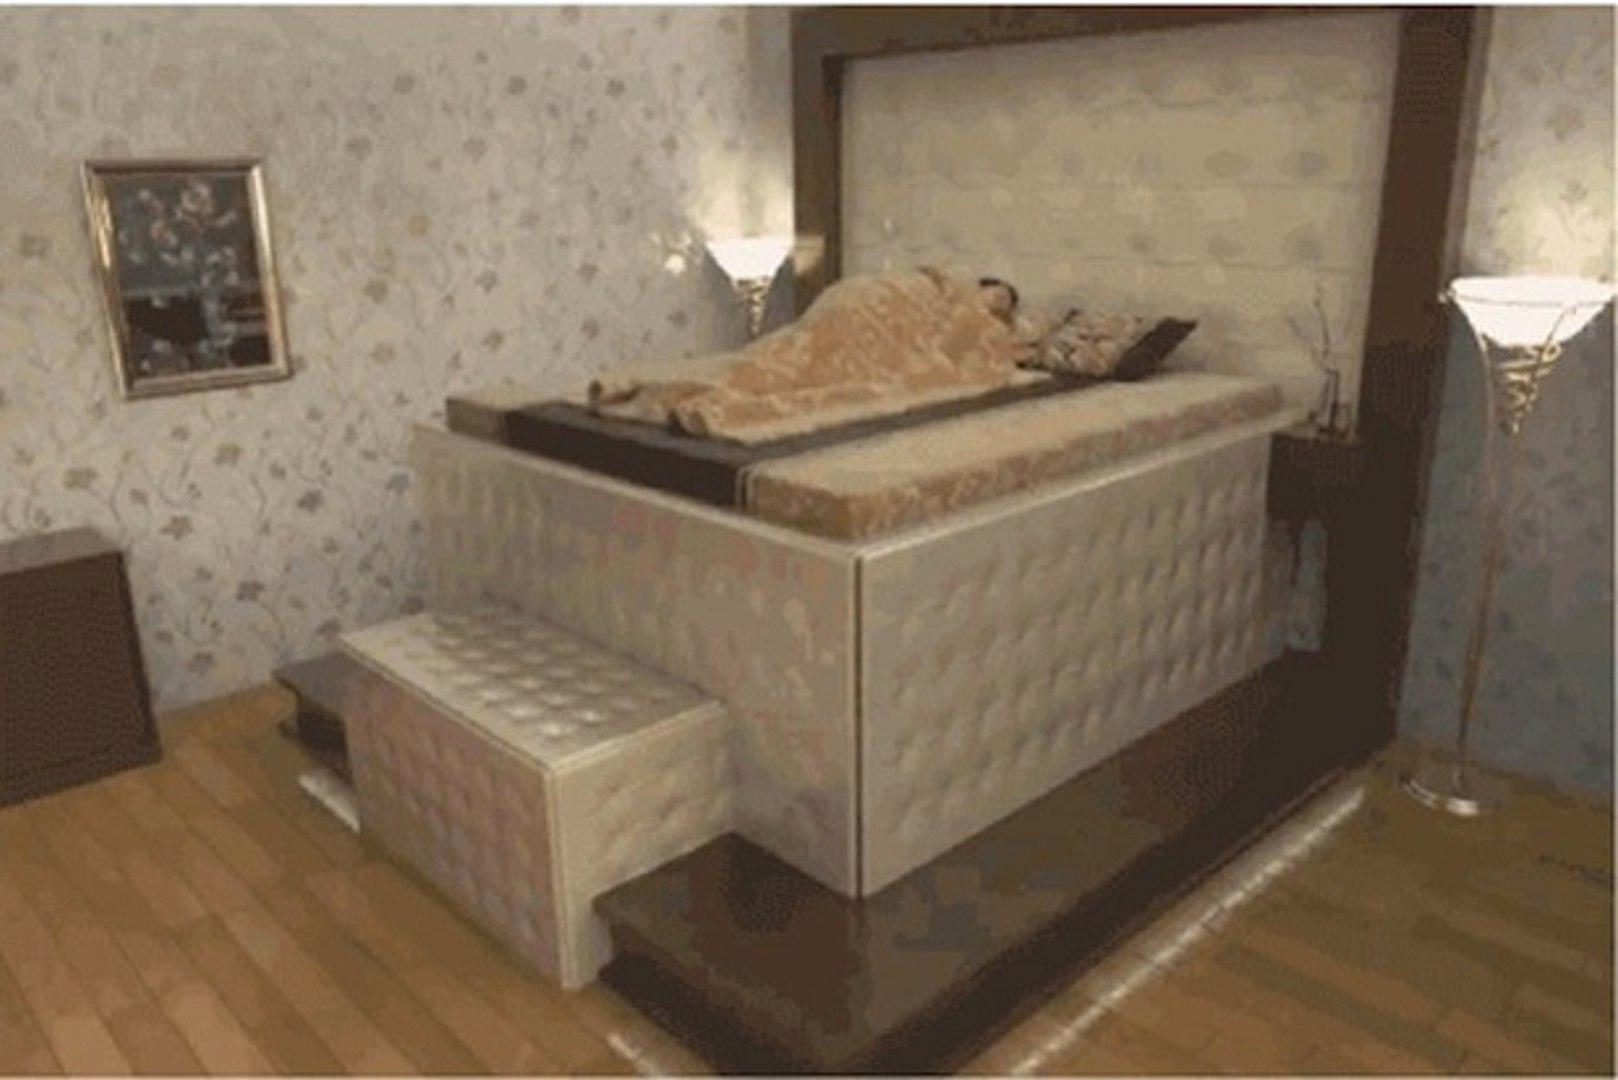 deprem yatağı ile ilgili görsel sonucu